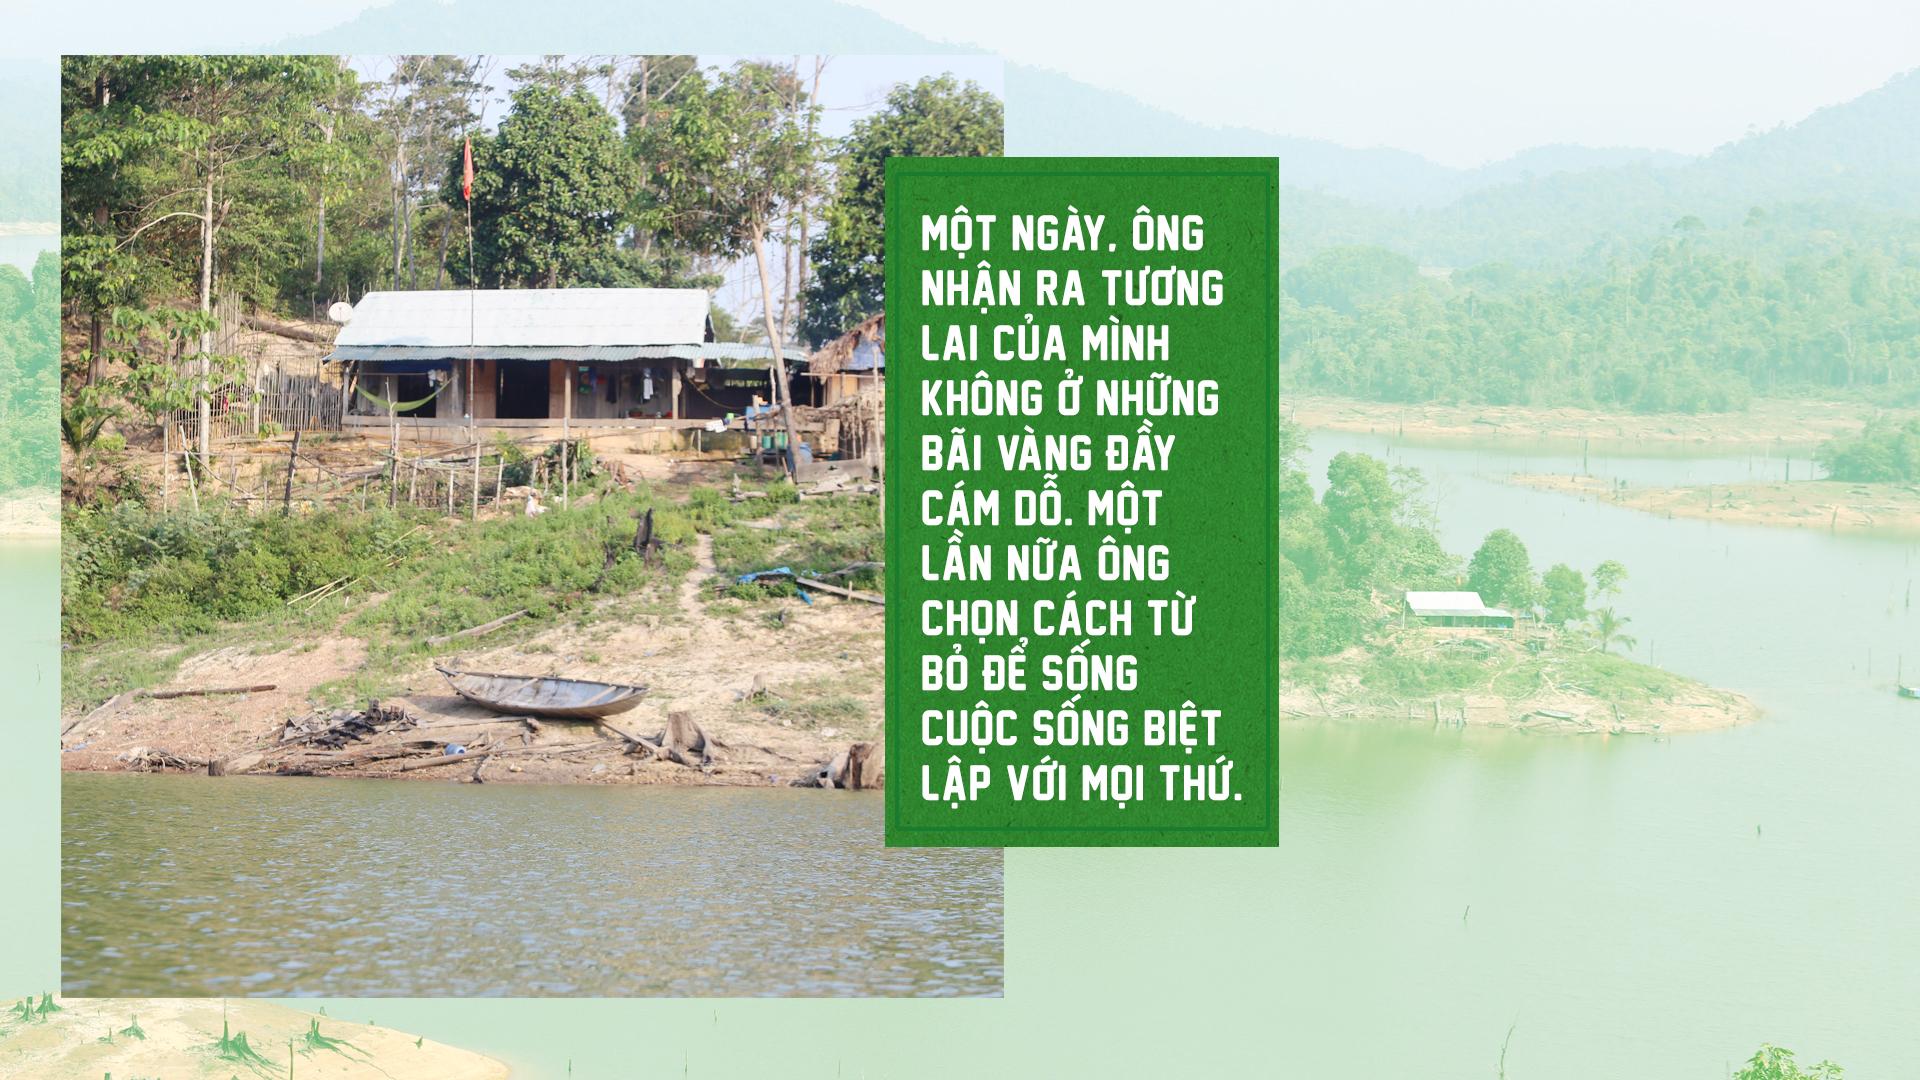 Hai 'dị nhân' 17 năm sống giữa lòng hồ bảo vệ rừng - ảnh 5